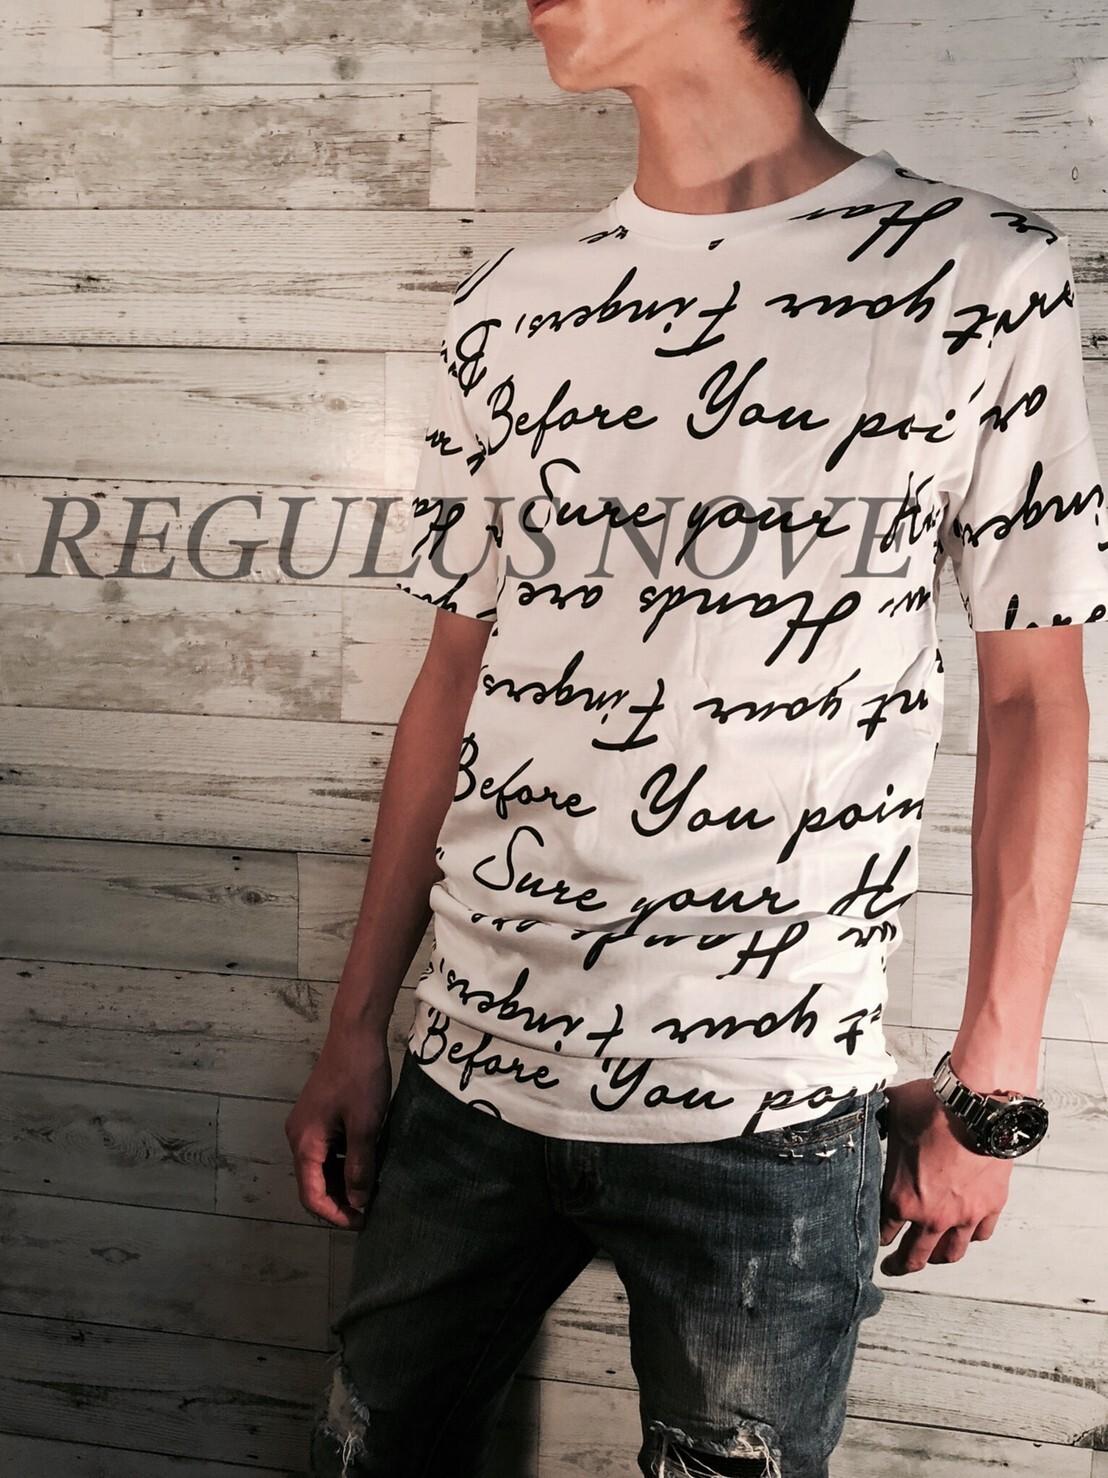 REGULUS NOVE  ランダムメッセージプリントロングTシャツ WHITE ユニセックス レディース メンズ オーバーサイズ 大きいサイズ 派手 韓国 プリント 個性的 ストリート ロック